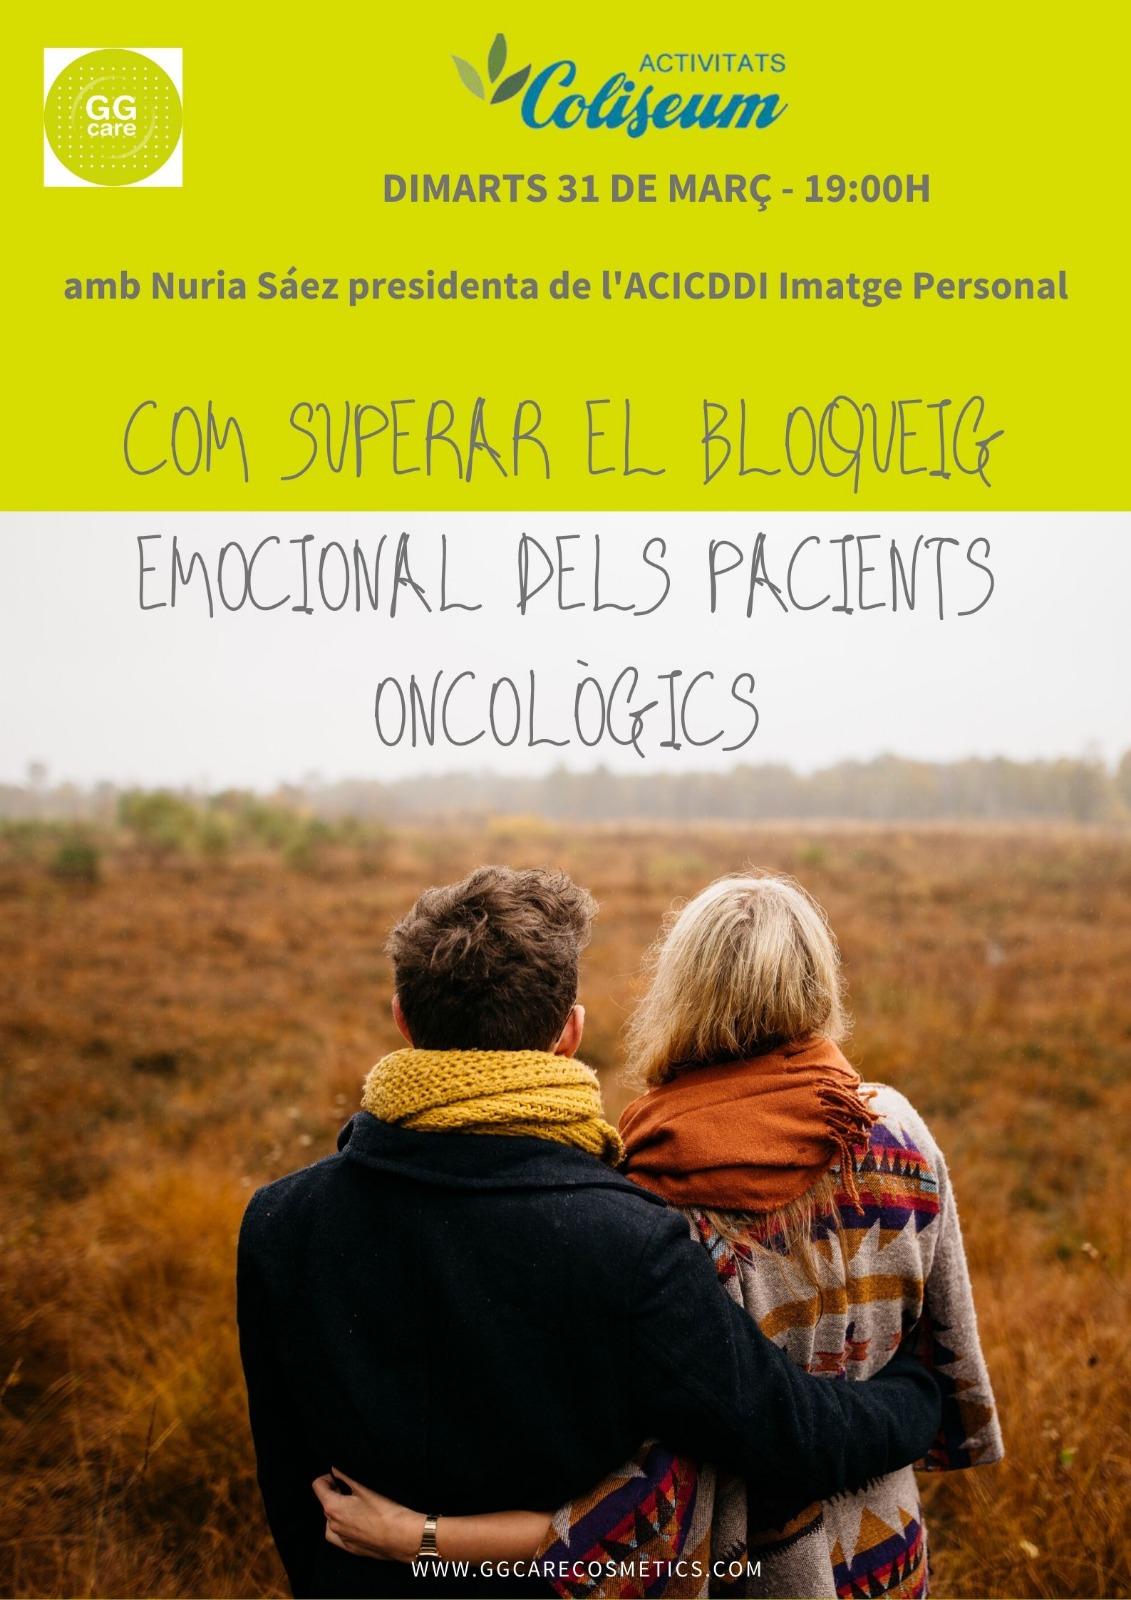 CANCELADO! Cómo superar el bloqueo emocional de los pacientes oncológicos